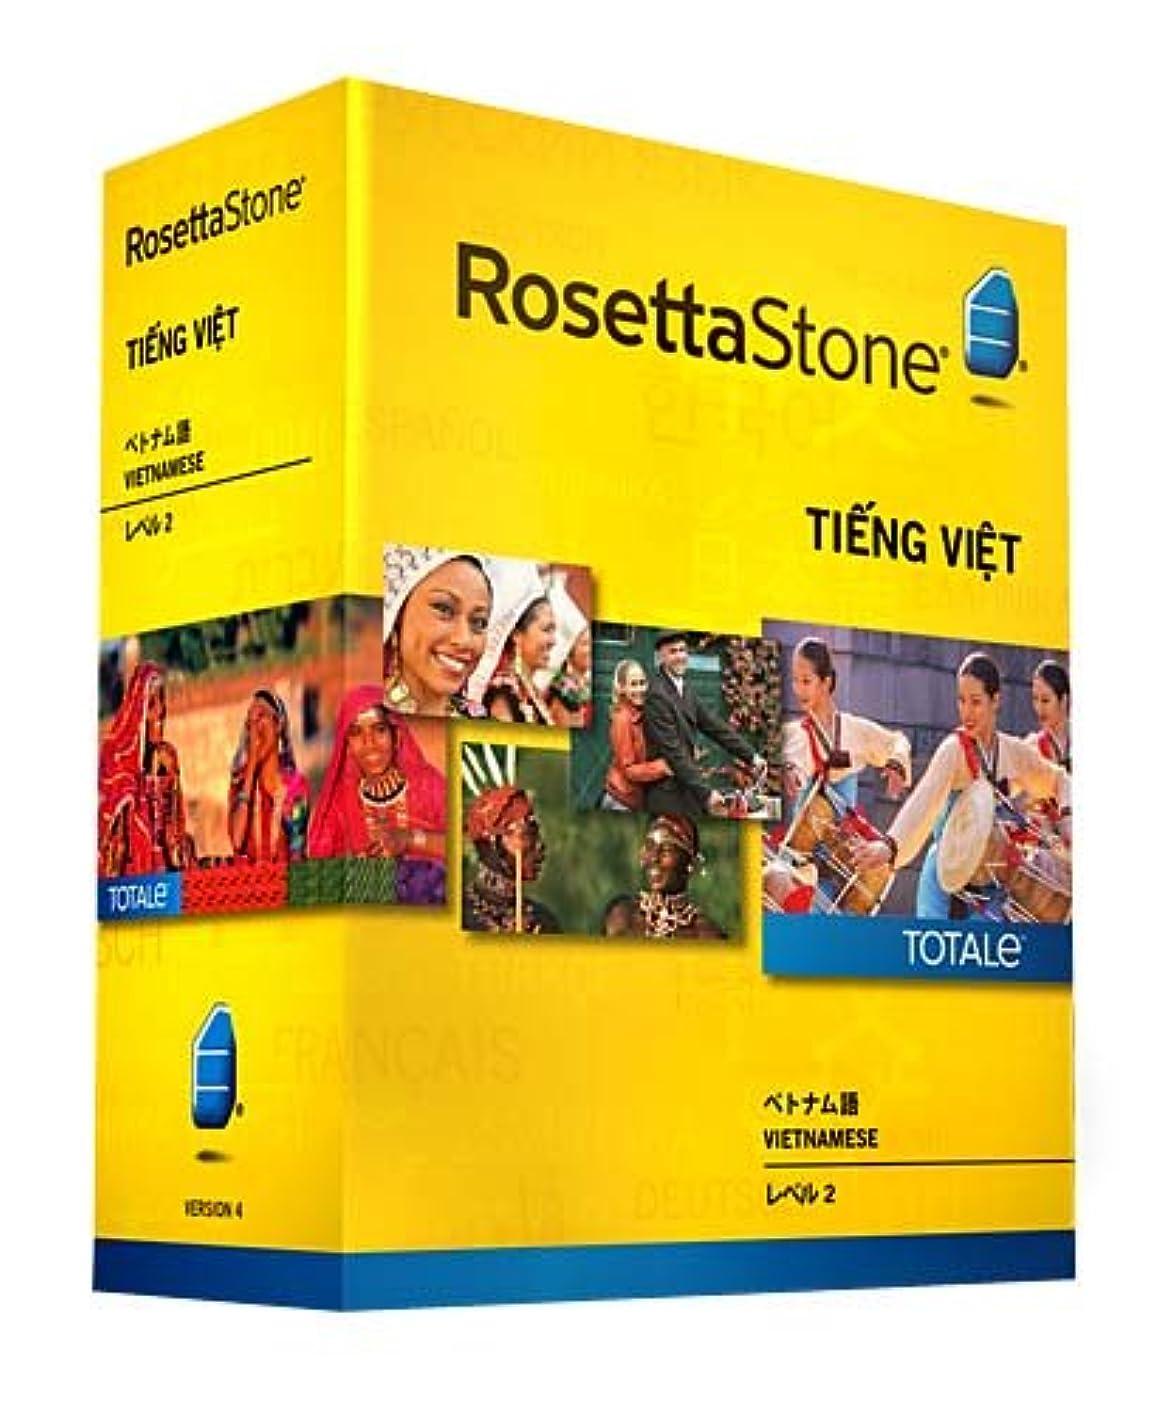 許容できる物理的な散髪ロゼッタストーン ベトナム語 レベル2 v4 TOTALe